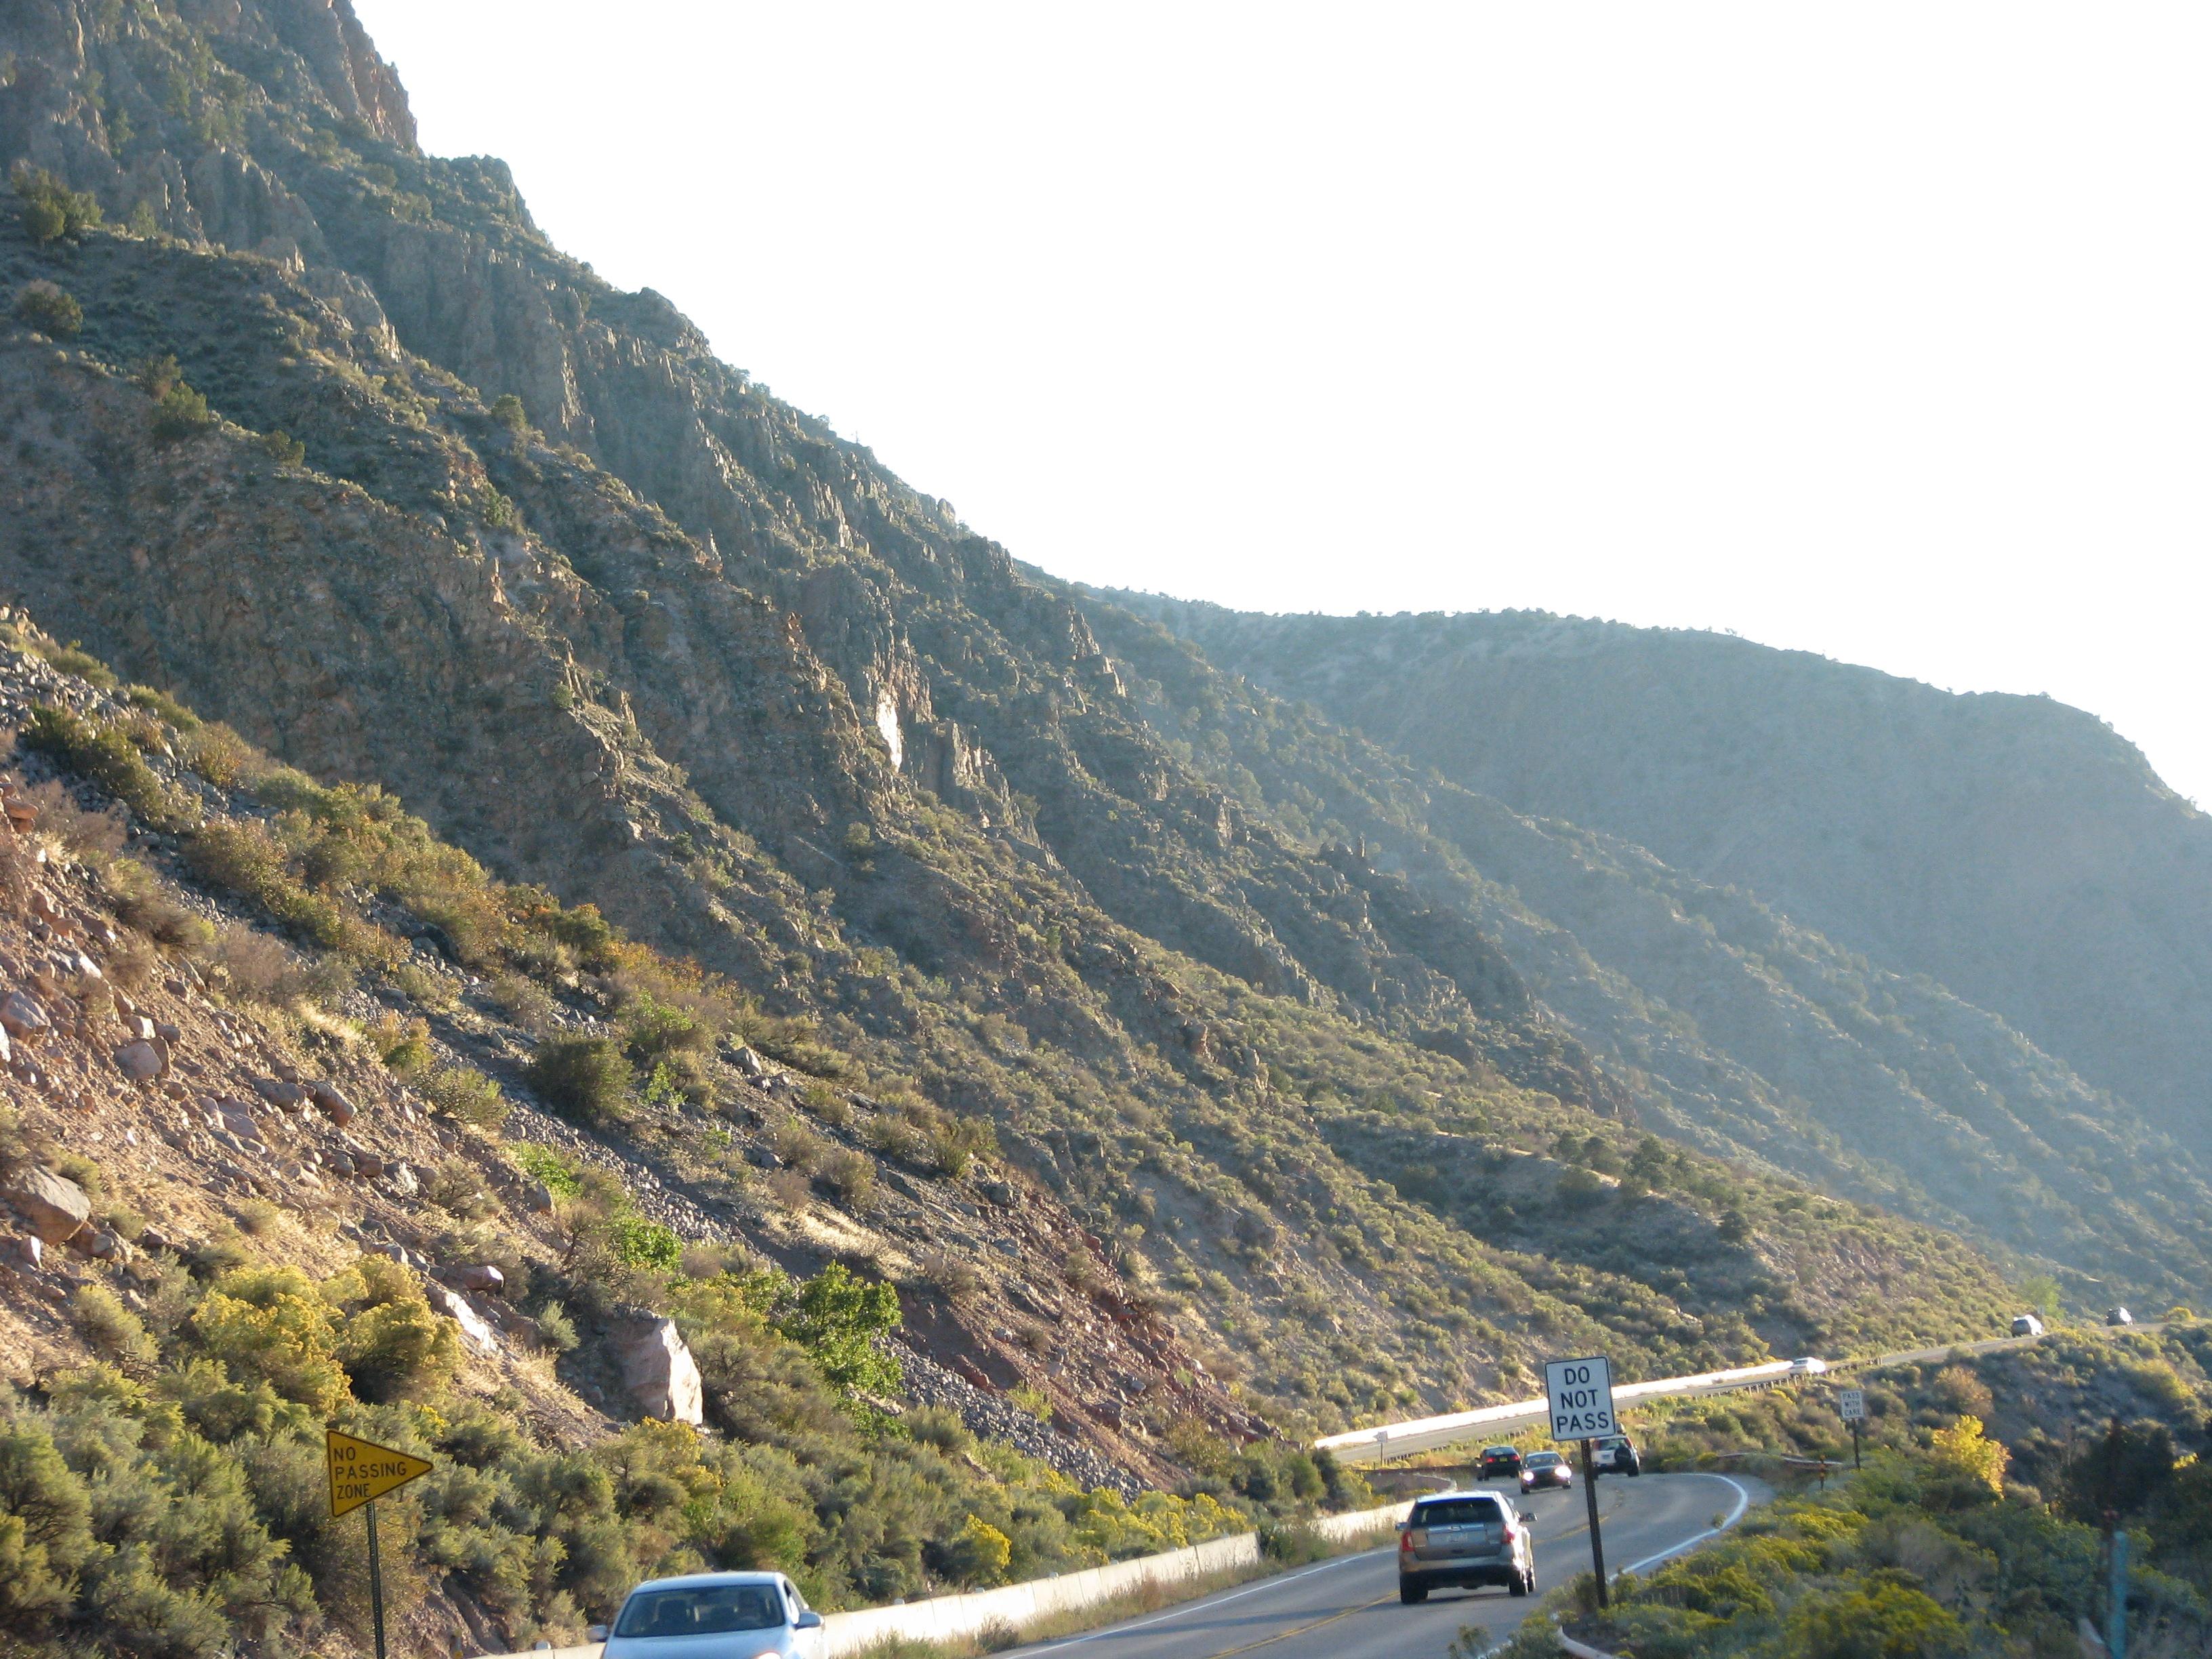 בדרך מטאוס לסנטה פה, ניו מקסיקו